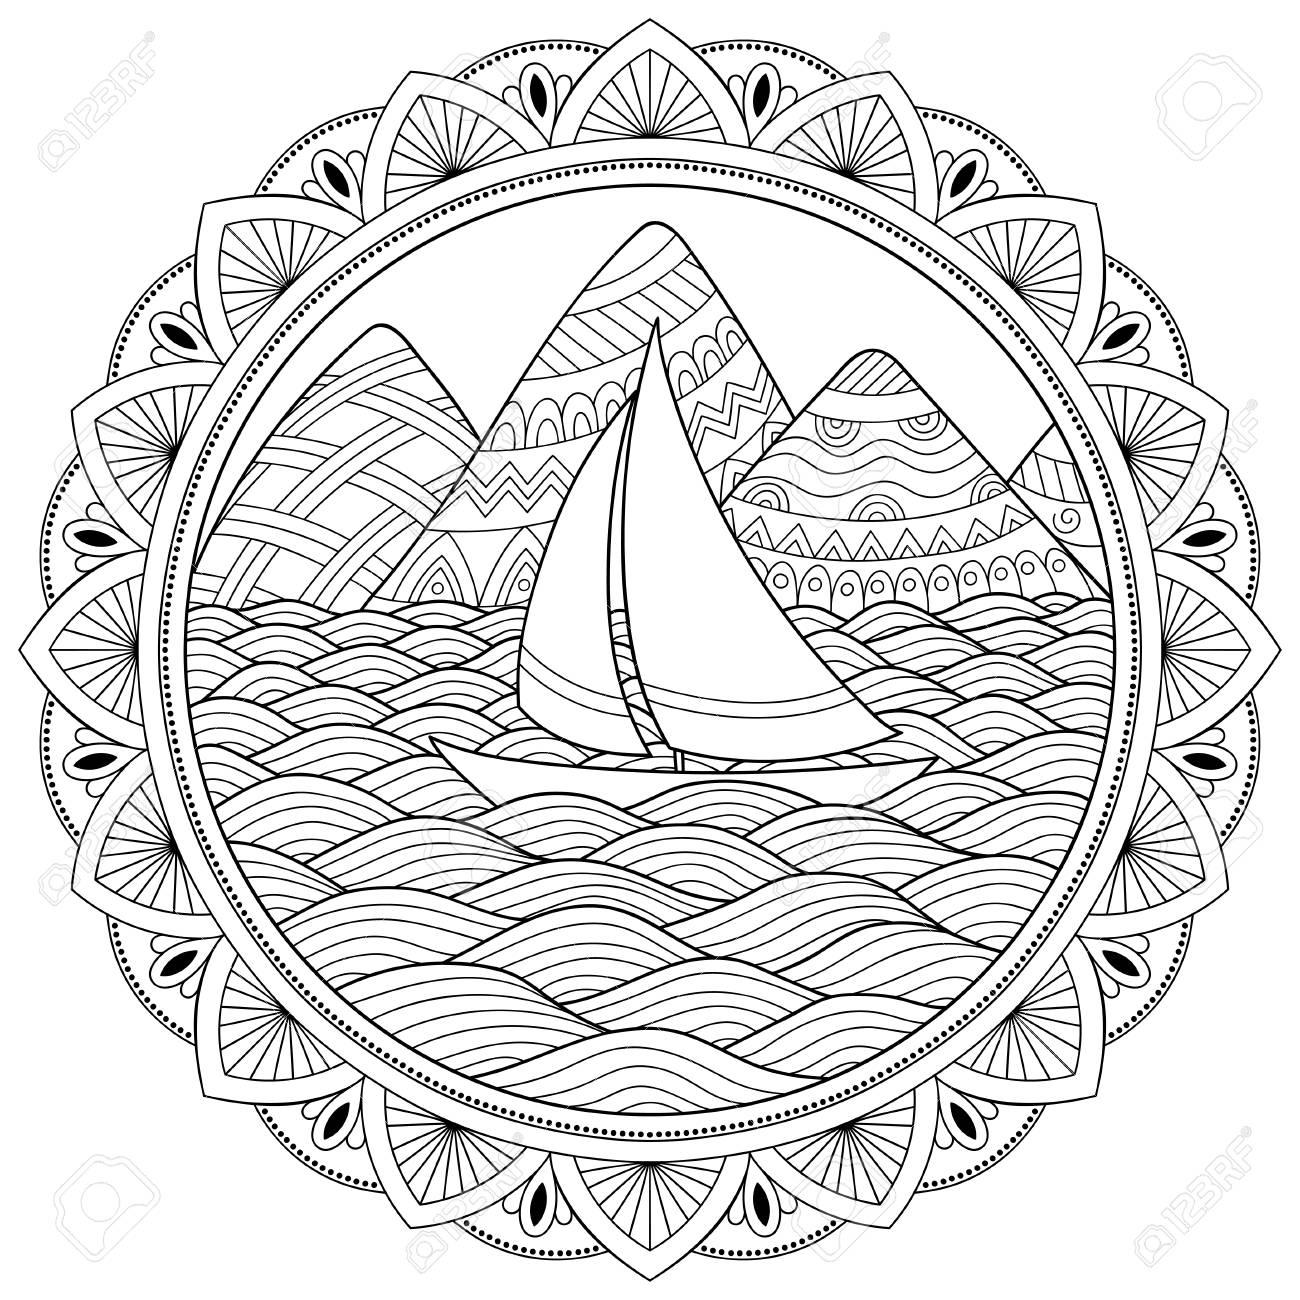 Patrón De Doodle En Blanco Y Negro Patrón De Paisaje Para Colorear Libro Montañas Ríos Colinas Mar Barco Yate Costa Vela Ola Mar Libro